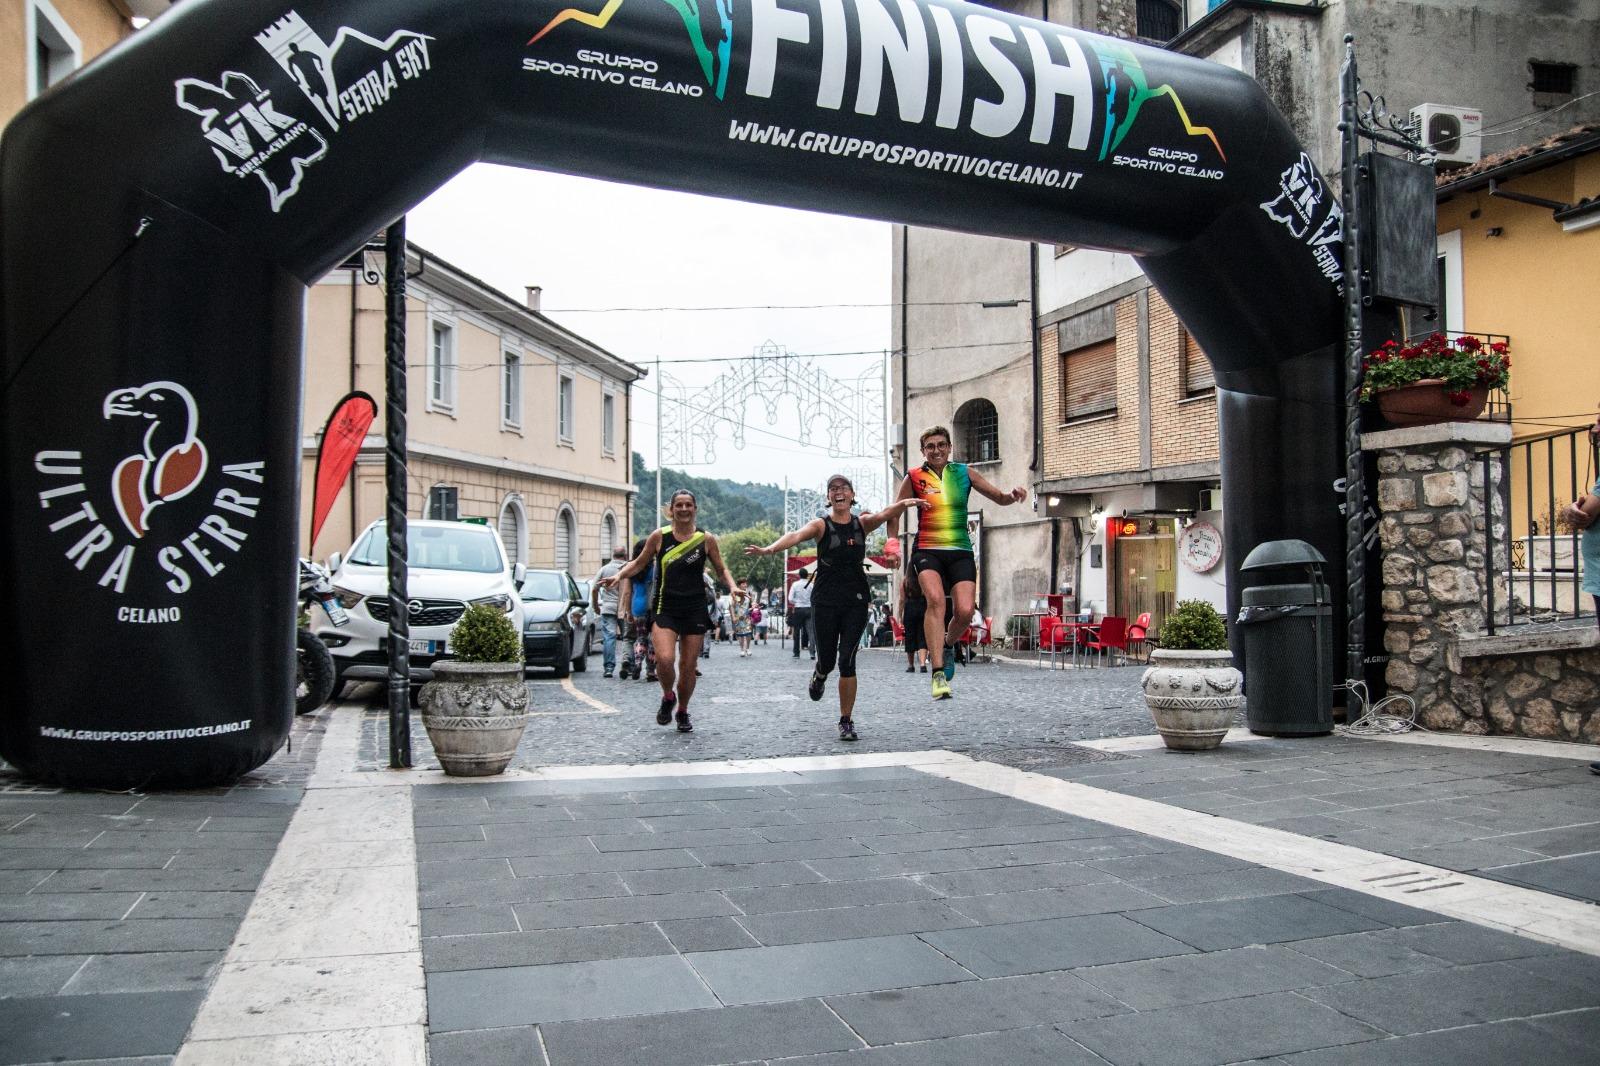 Il Gruppo sportivo di Celano organizza la tradizionale corsa e camminata di solidarietà